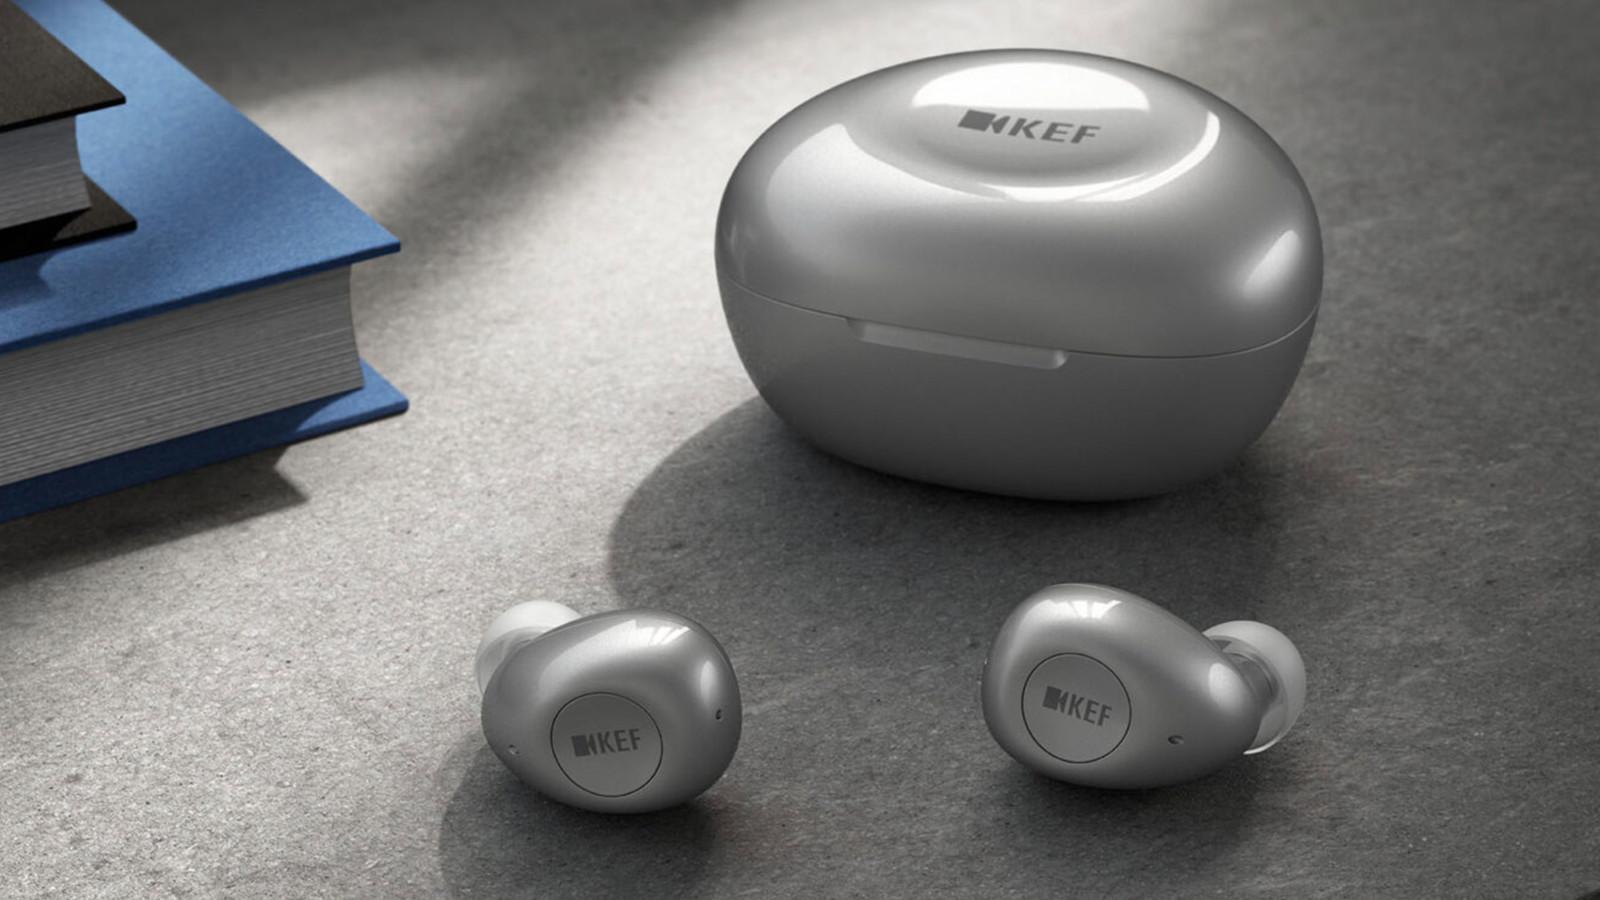 KEF stellt seine neuen Mu3 In-Ear-Kopfhörer vor.